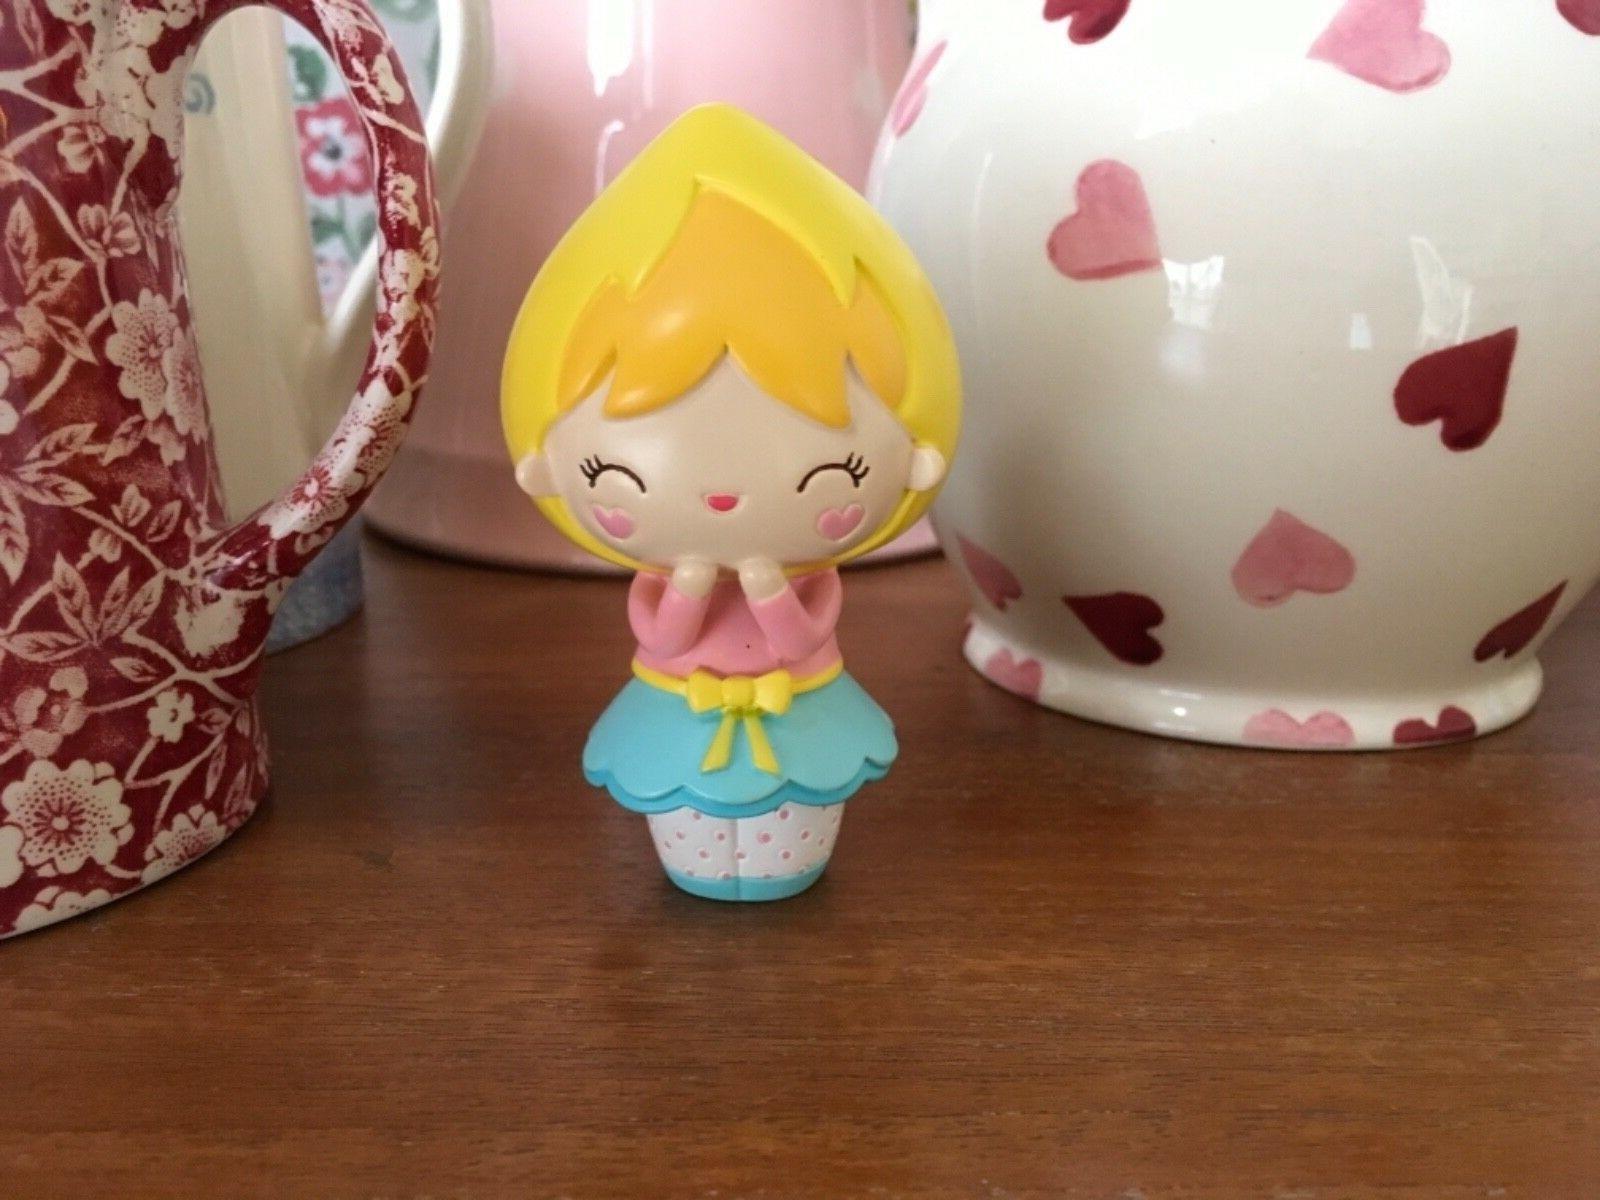 NUOVO ⭐ esclusiva numerata a mano MOMIJI ⭐ Compleanno Bambina Bambola ⭐